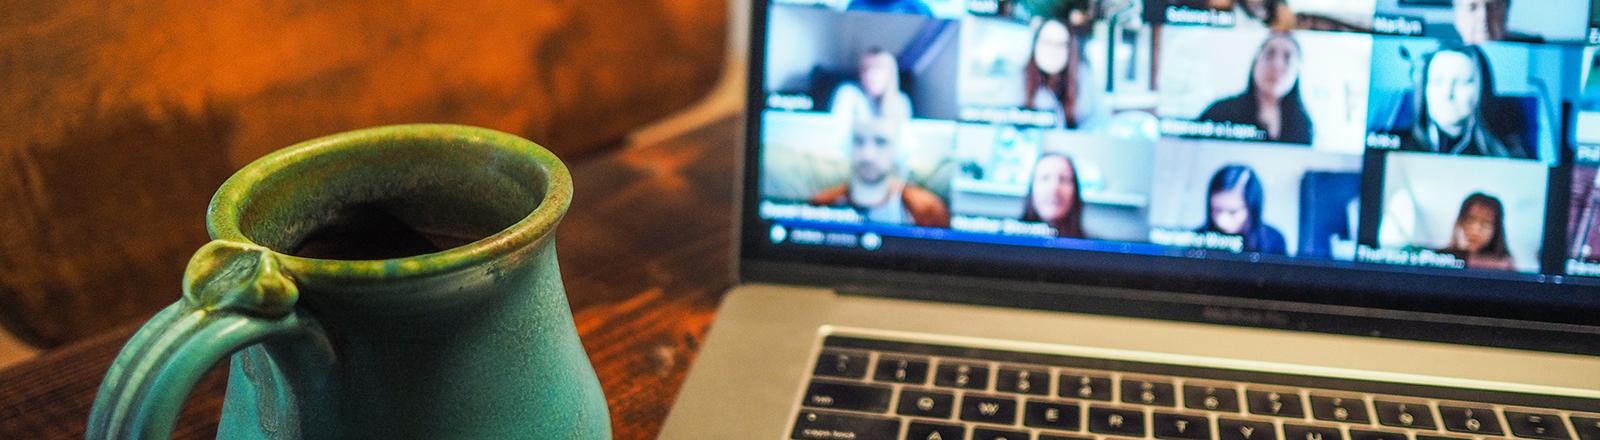 Eine Tasse steht neben einem Laptop, auf dessen Bildschirm sind viele verschiedene Gesichter in einem Videocall zu sehen.